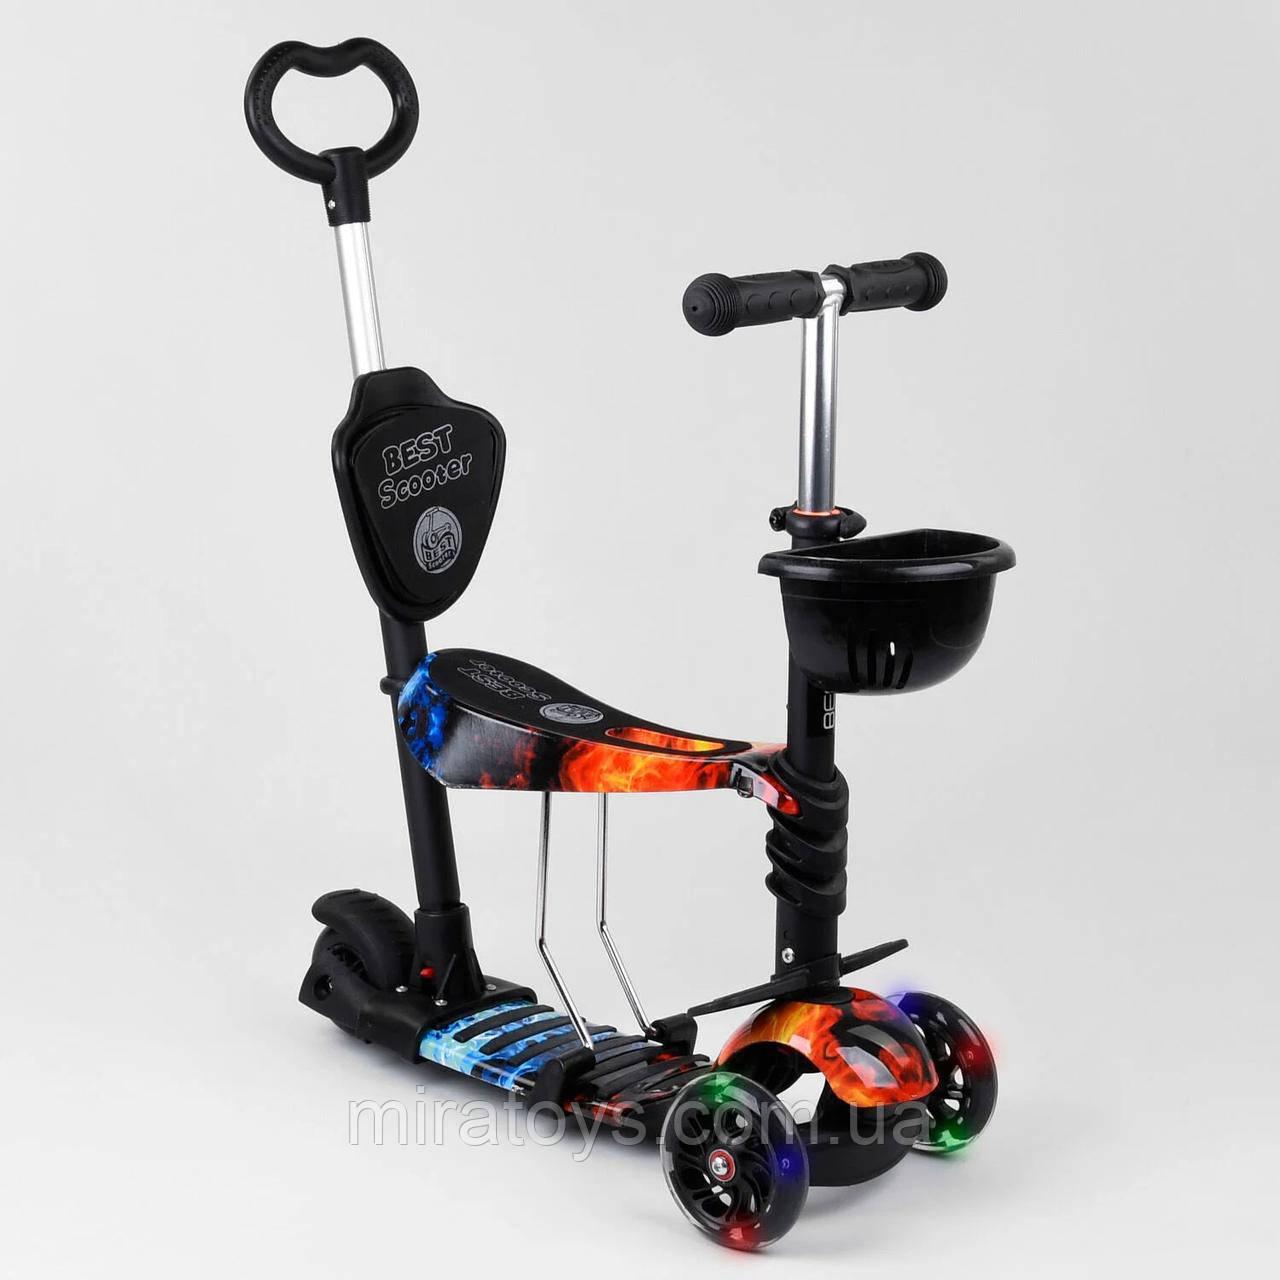 Самокат-беговел 5в1 Best Scooter 21700 с родительской ручкой и сиденьем, подсветка колес